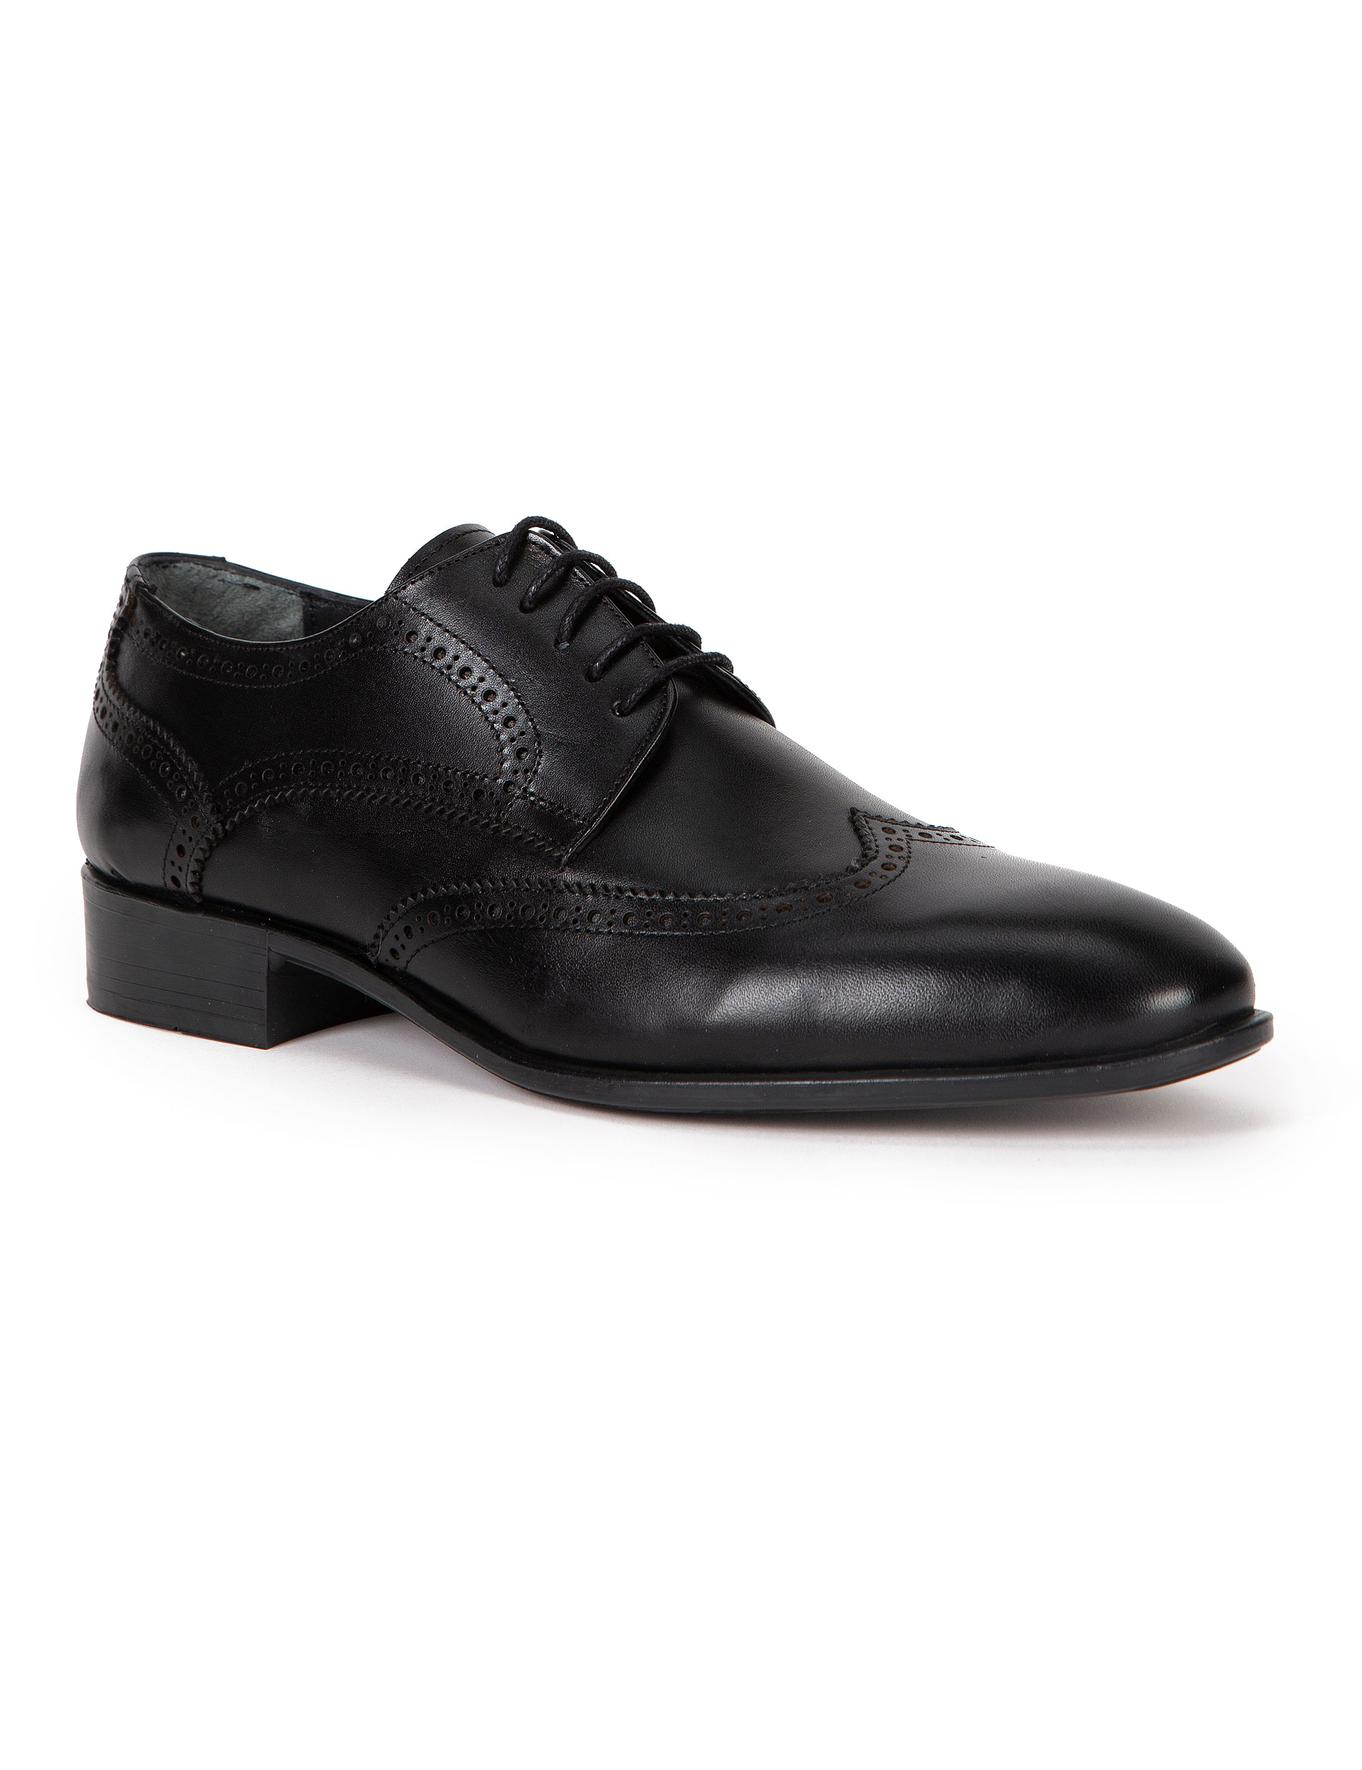 Siyah Klasik Ayakkabı